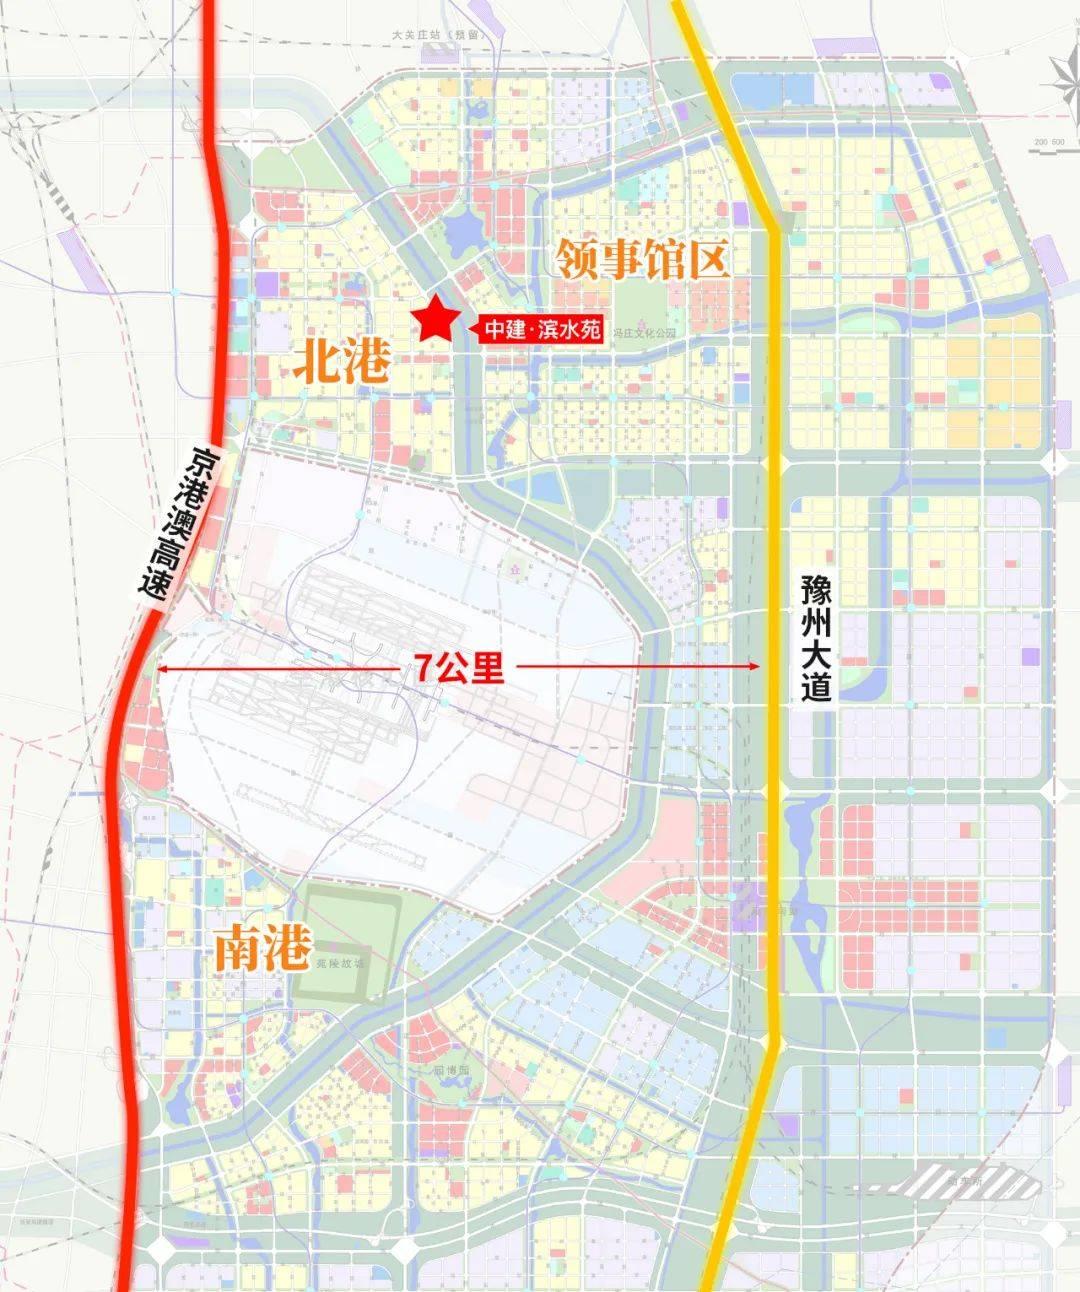 实践探索:滨河西路预计年底通车!